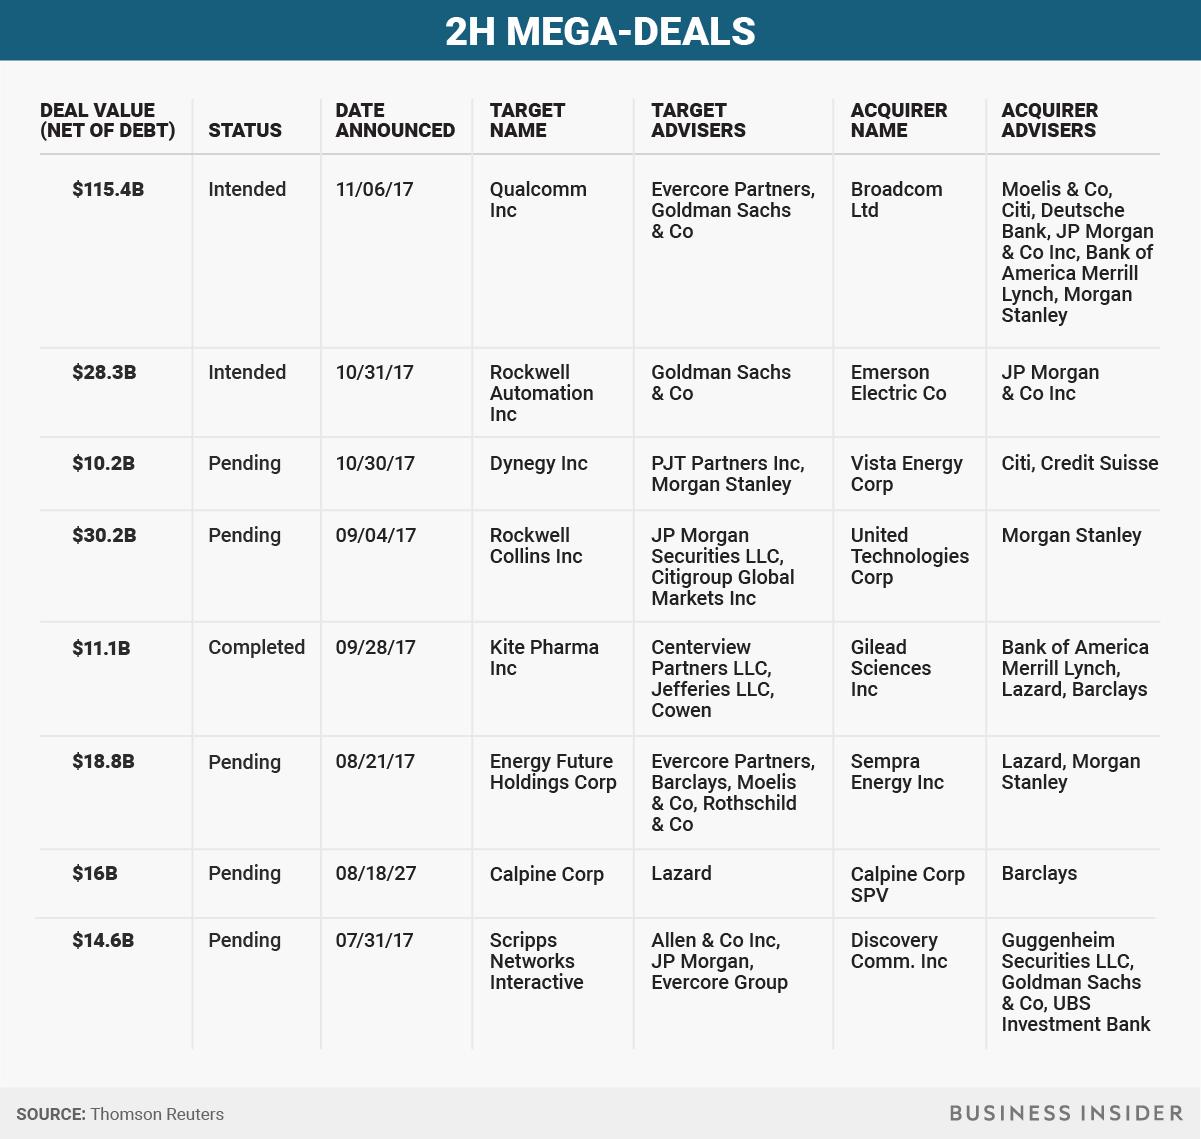 BI Graphics_2H Mega Deals